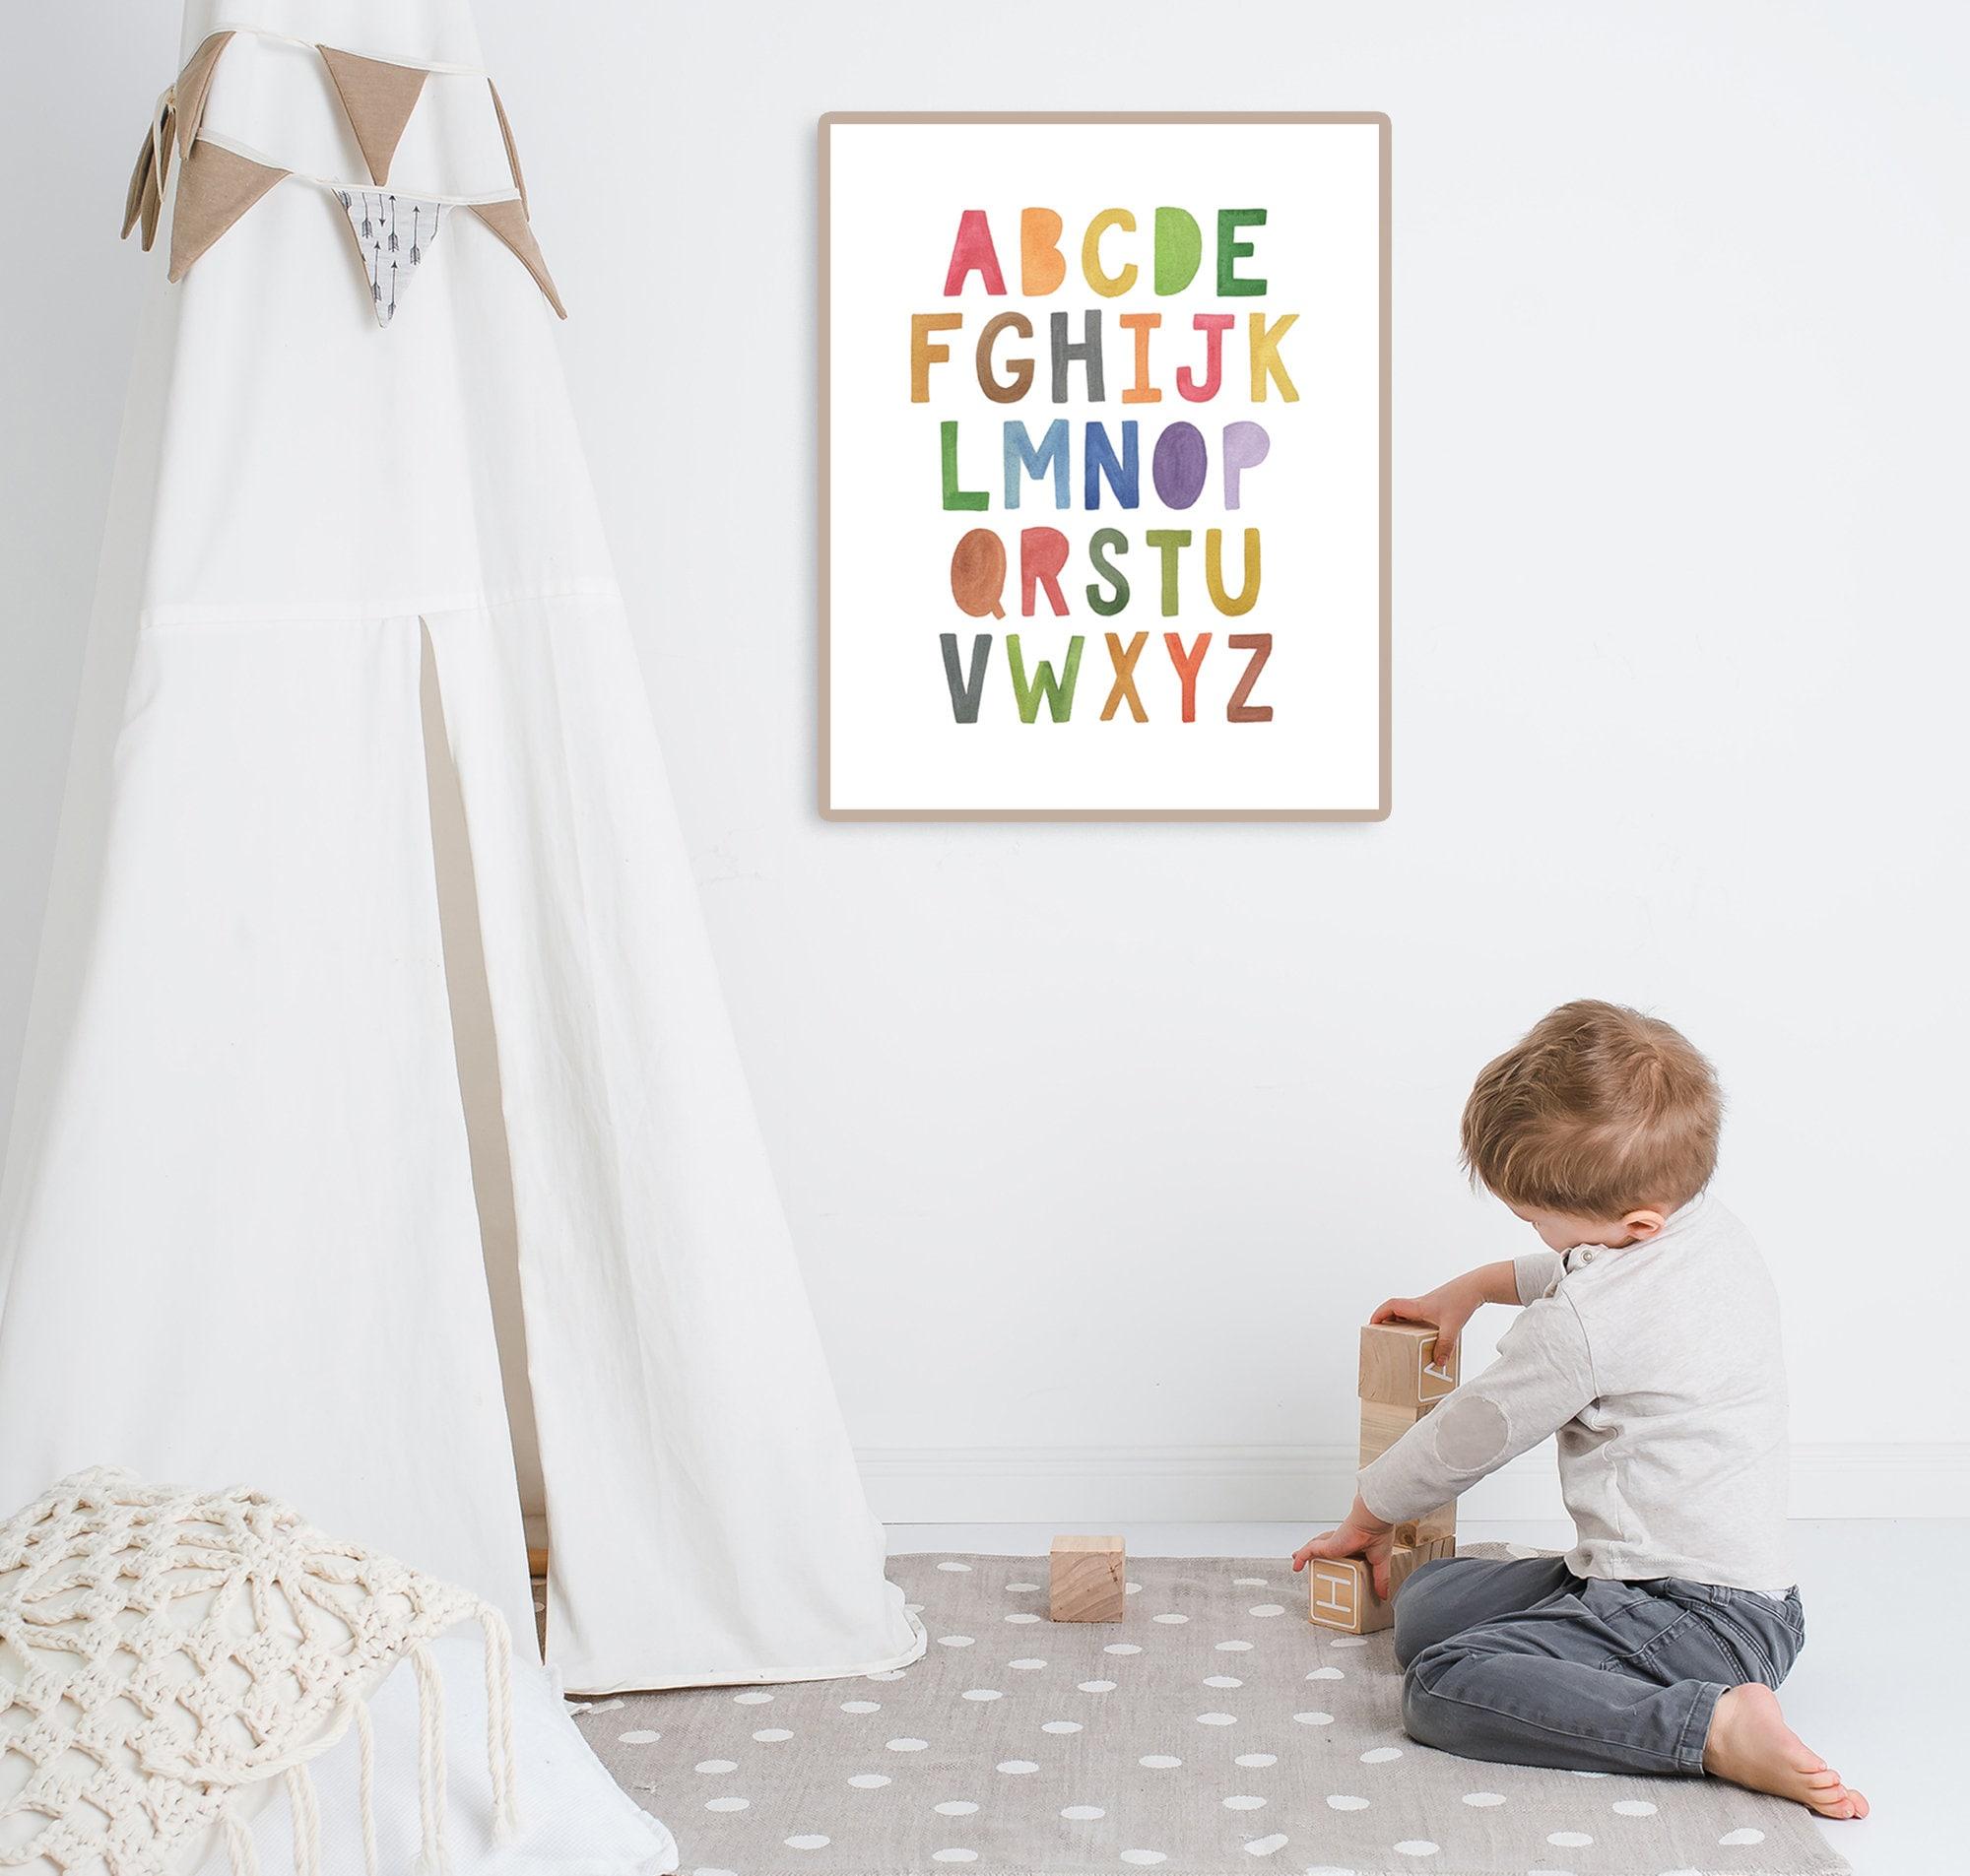 abc alphabet poster lernen home school vorschule poster  etsy